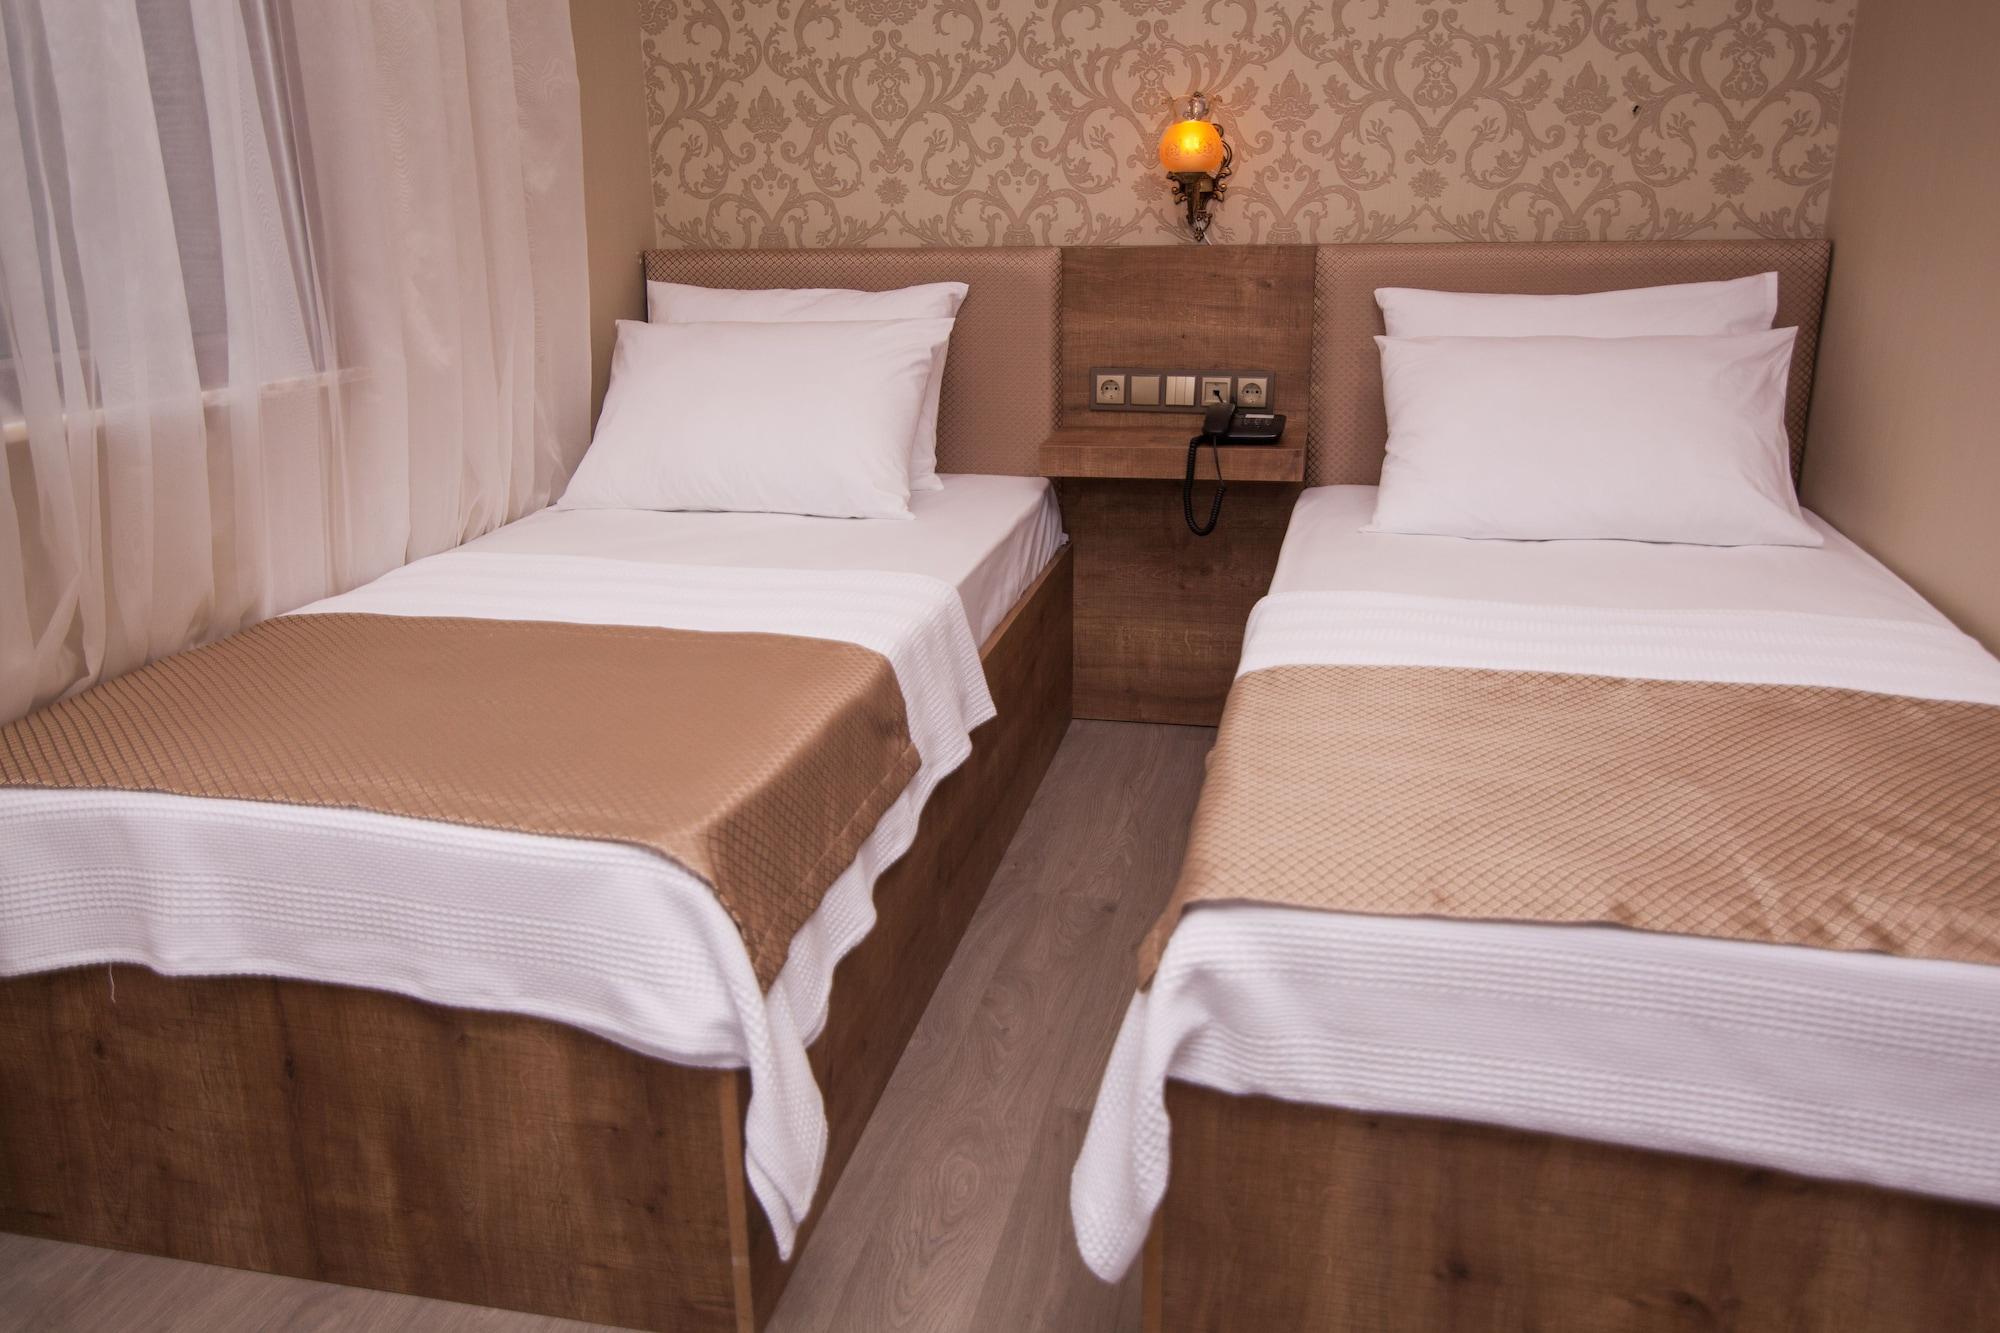 Hanedan Suit Hotel, Ardeşen